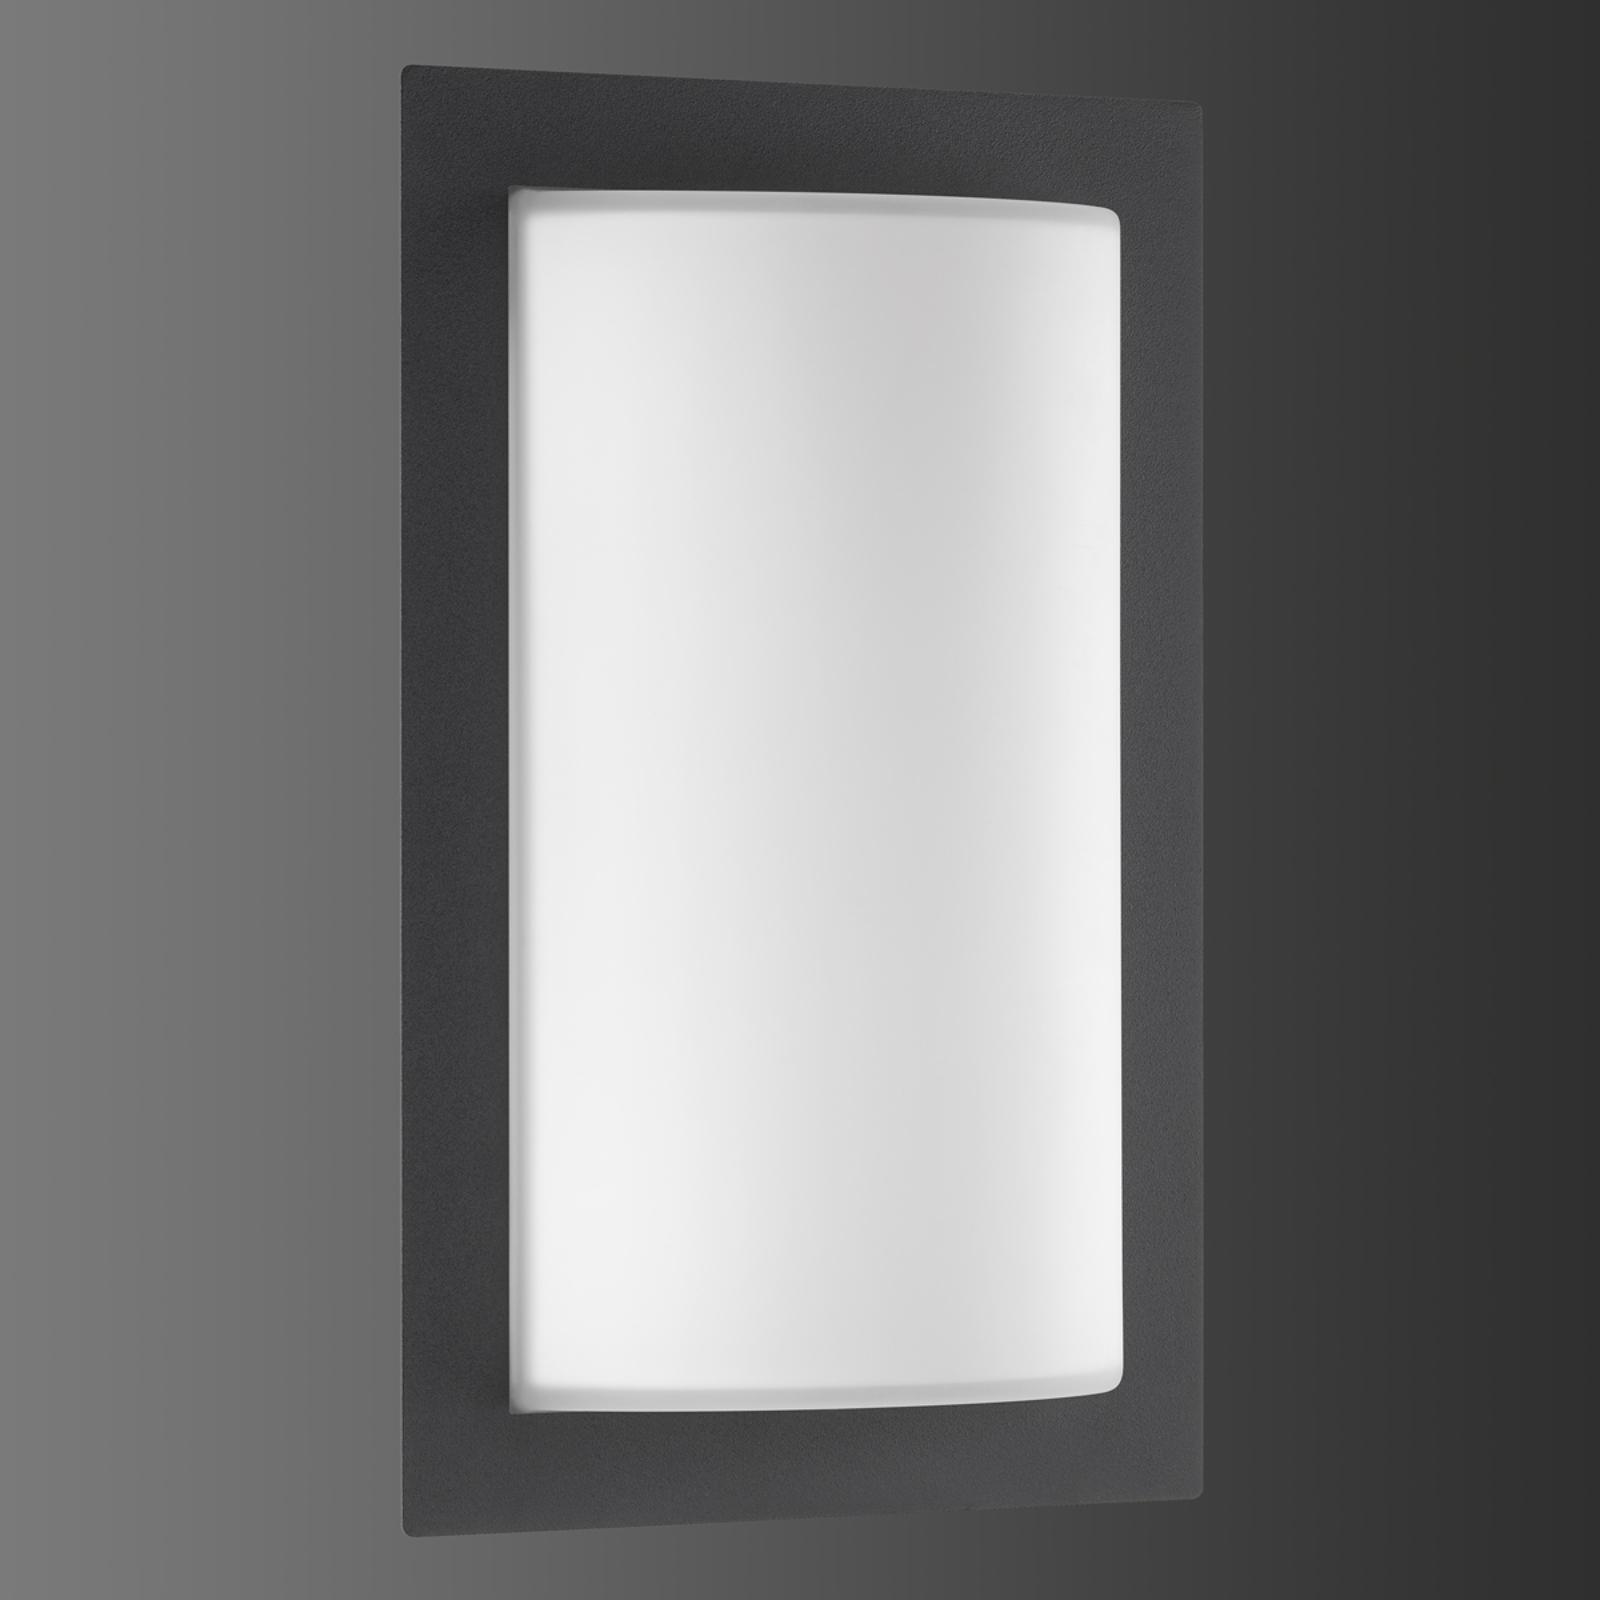 Grafiitinvärinen ulkoseinälamppu Luis LED-valolla